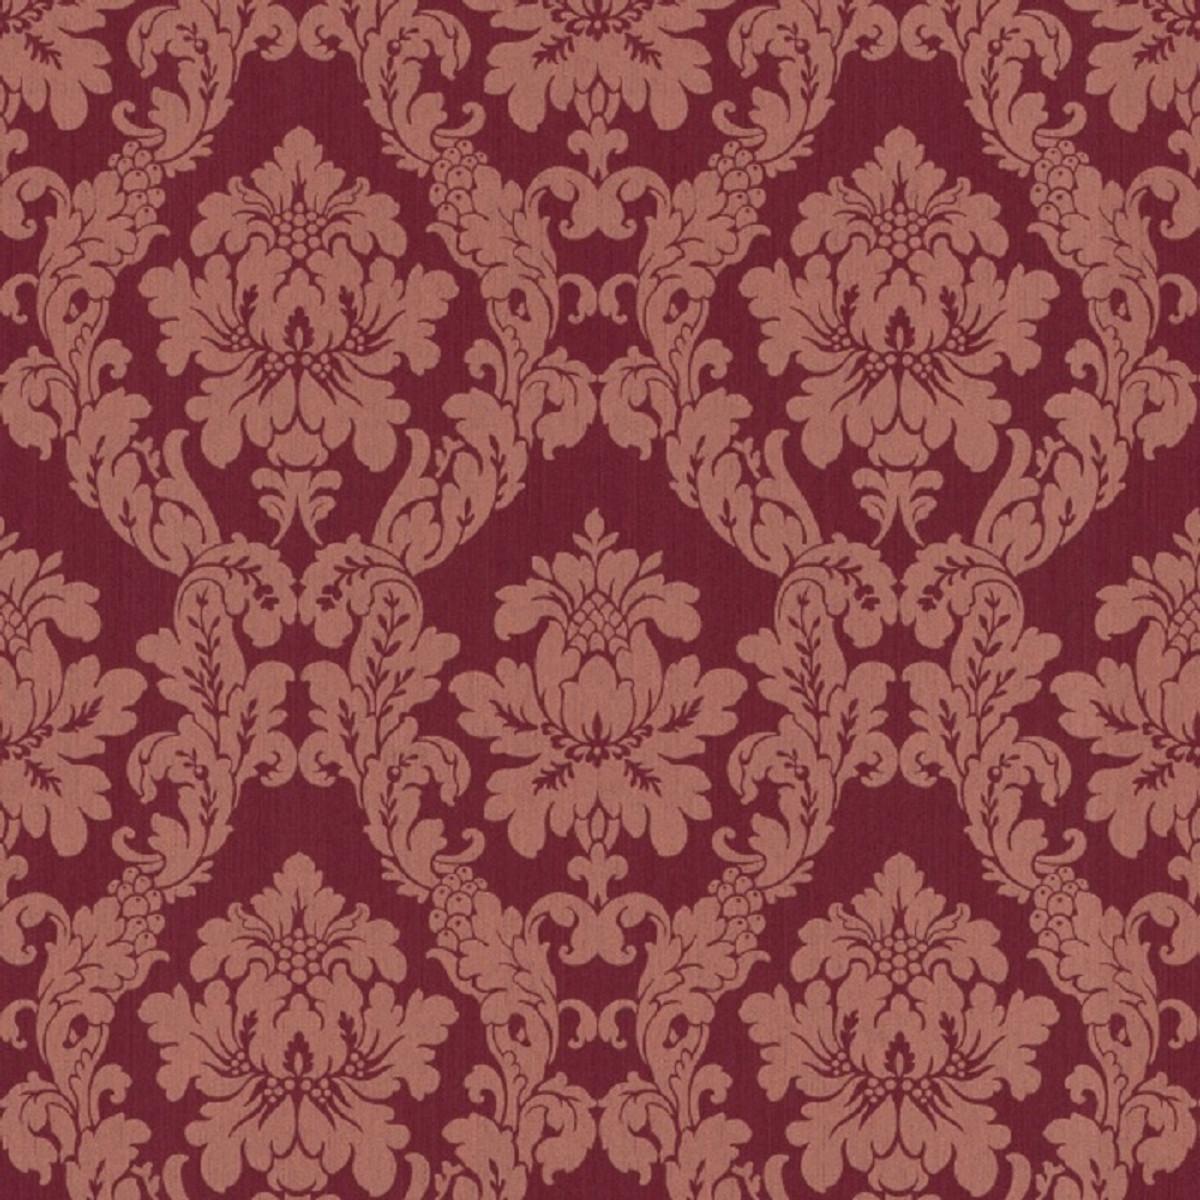 casa padrino papier peint textile papier peint en tissu baroque en viscose rouge 10 05 x 0 53 m papier peint baroque